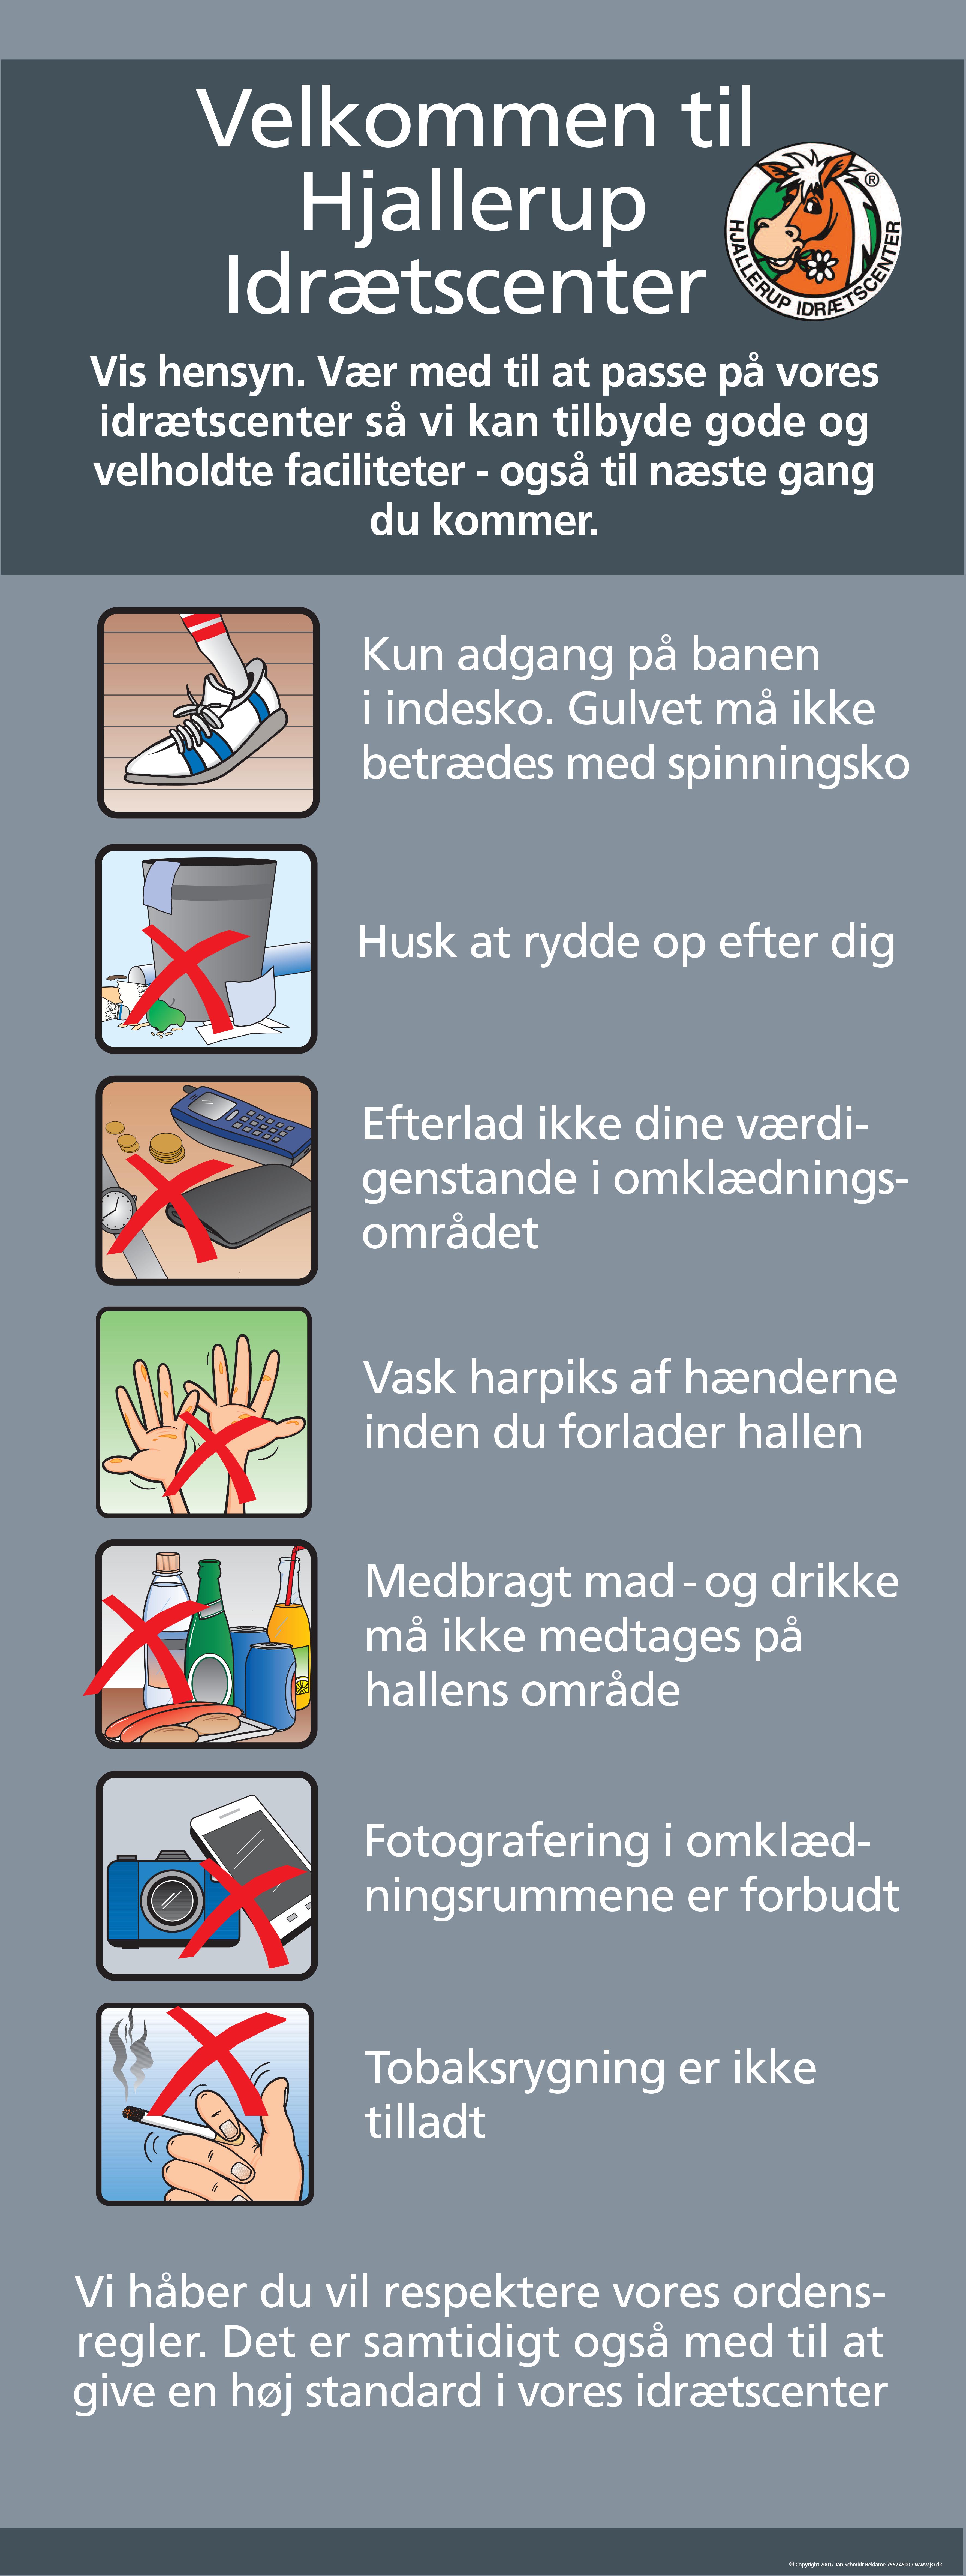 hallens-ordensregler